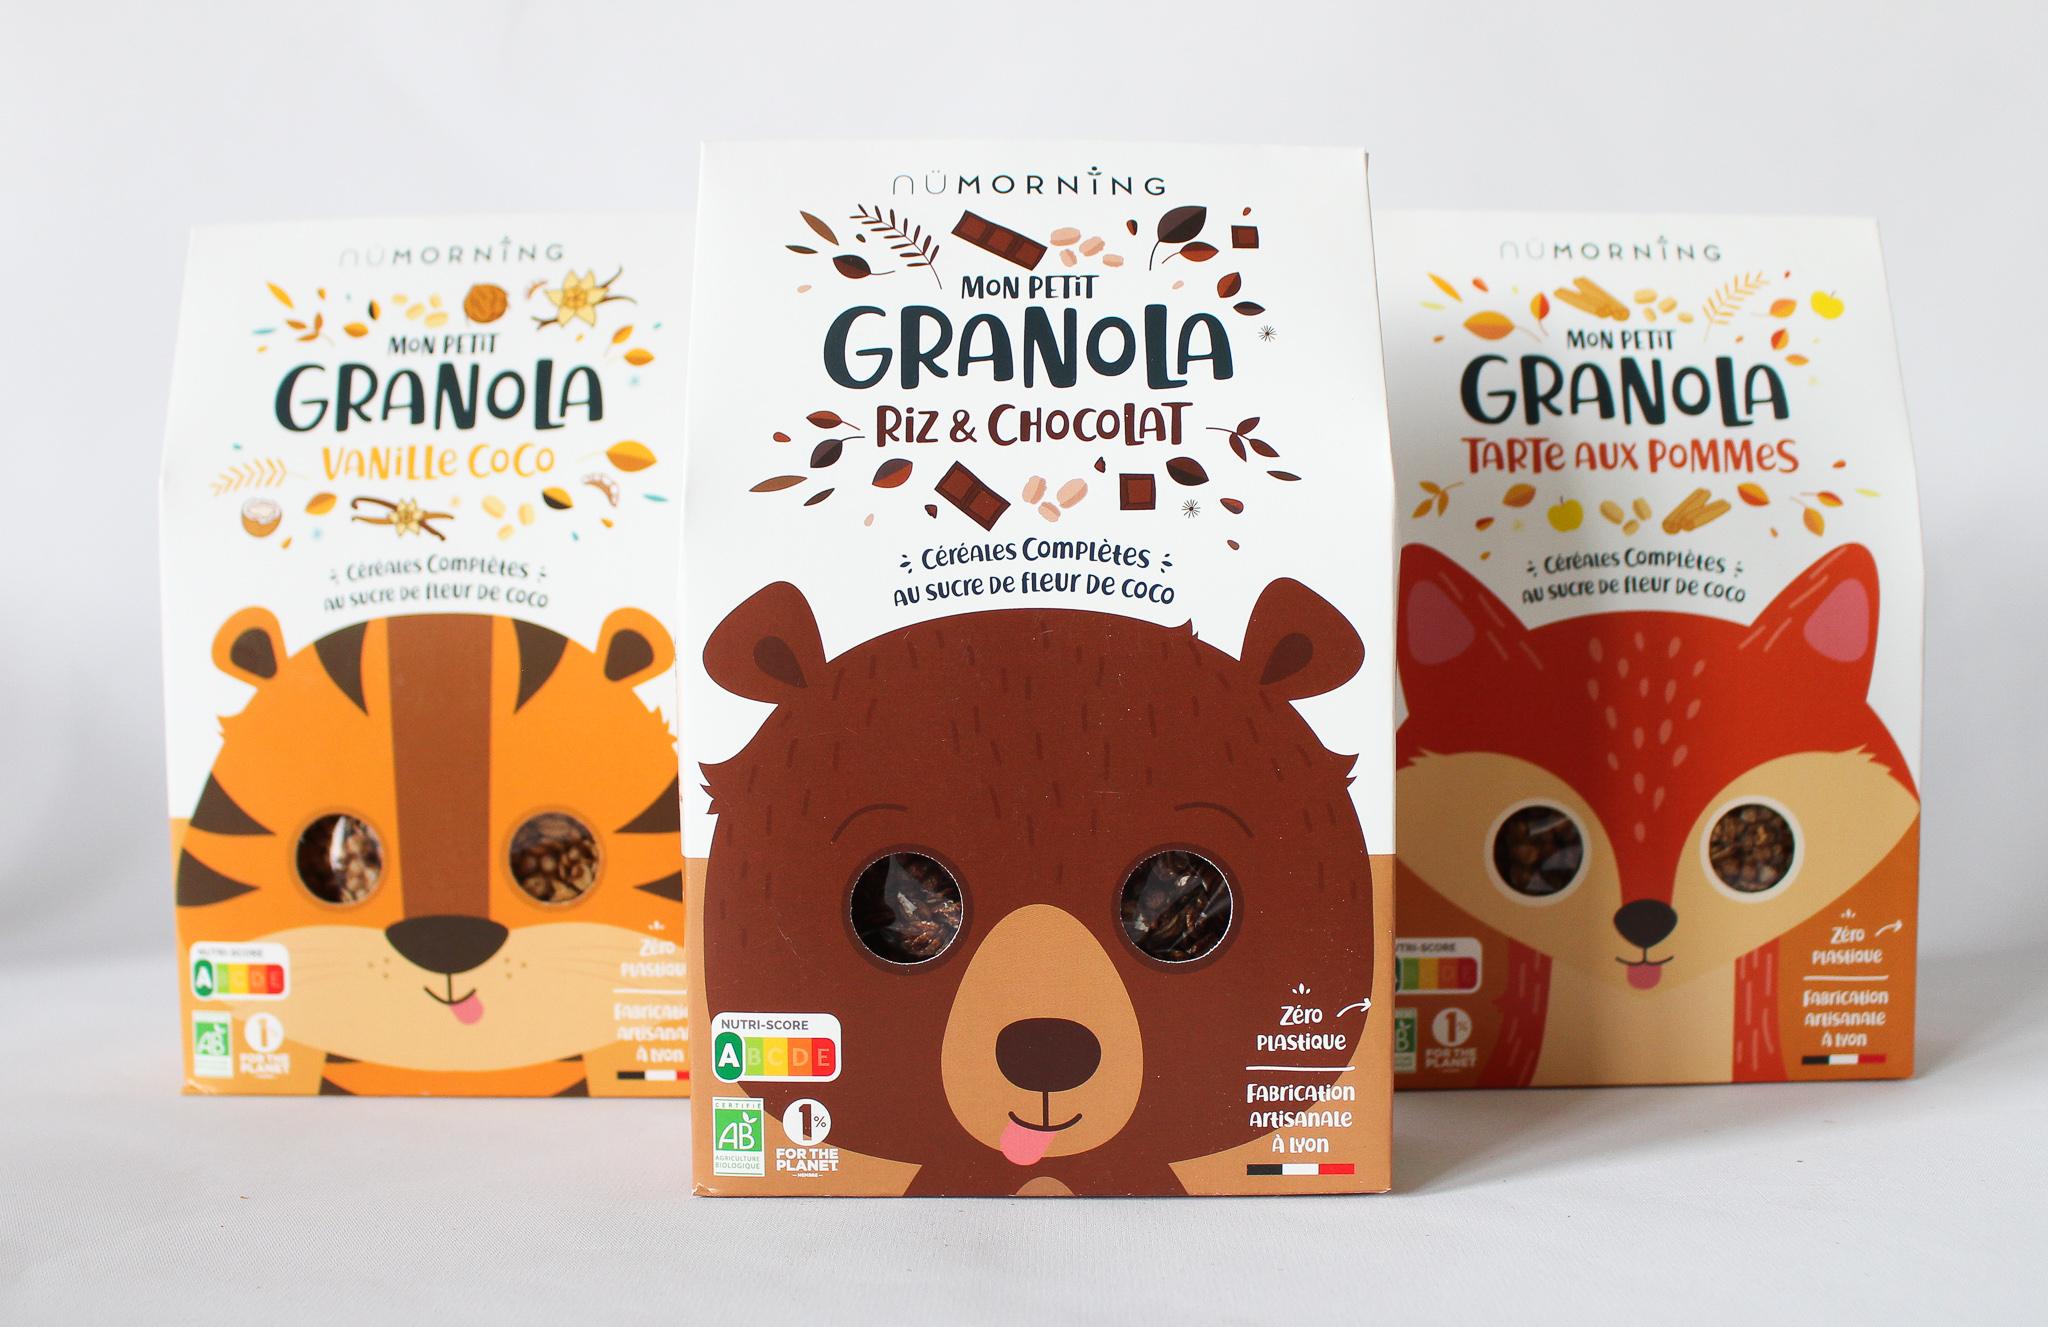 IMG 0435 - nüMorning lance Mon Petit Granola